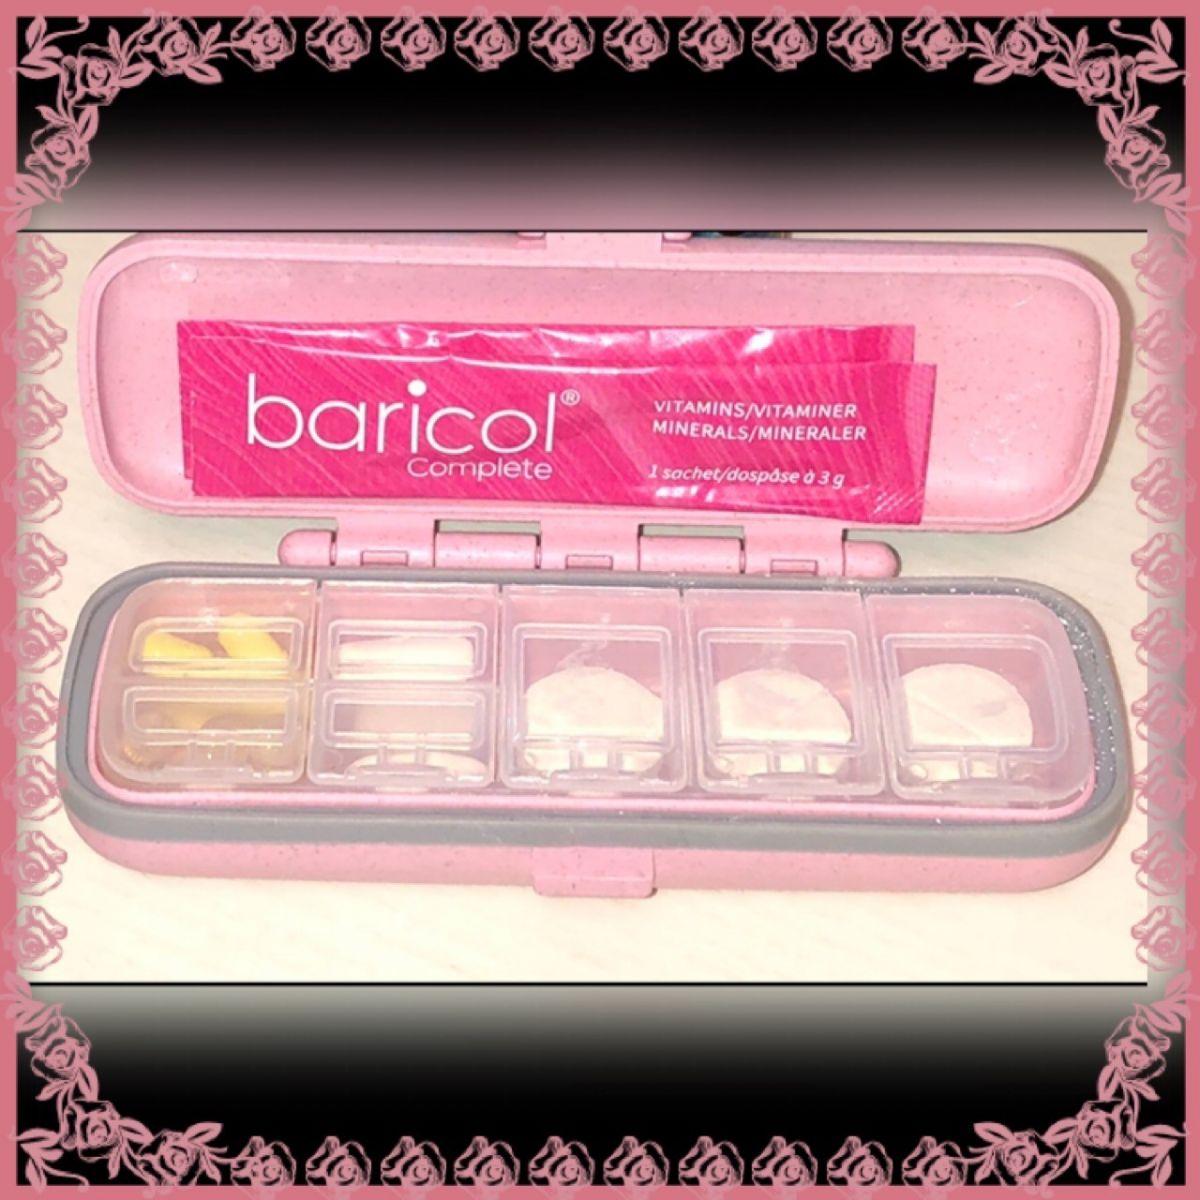 Etui för vitaminer från Baricol